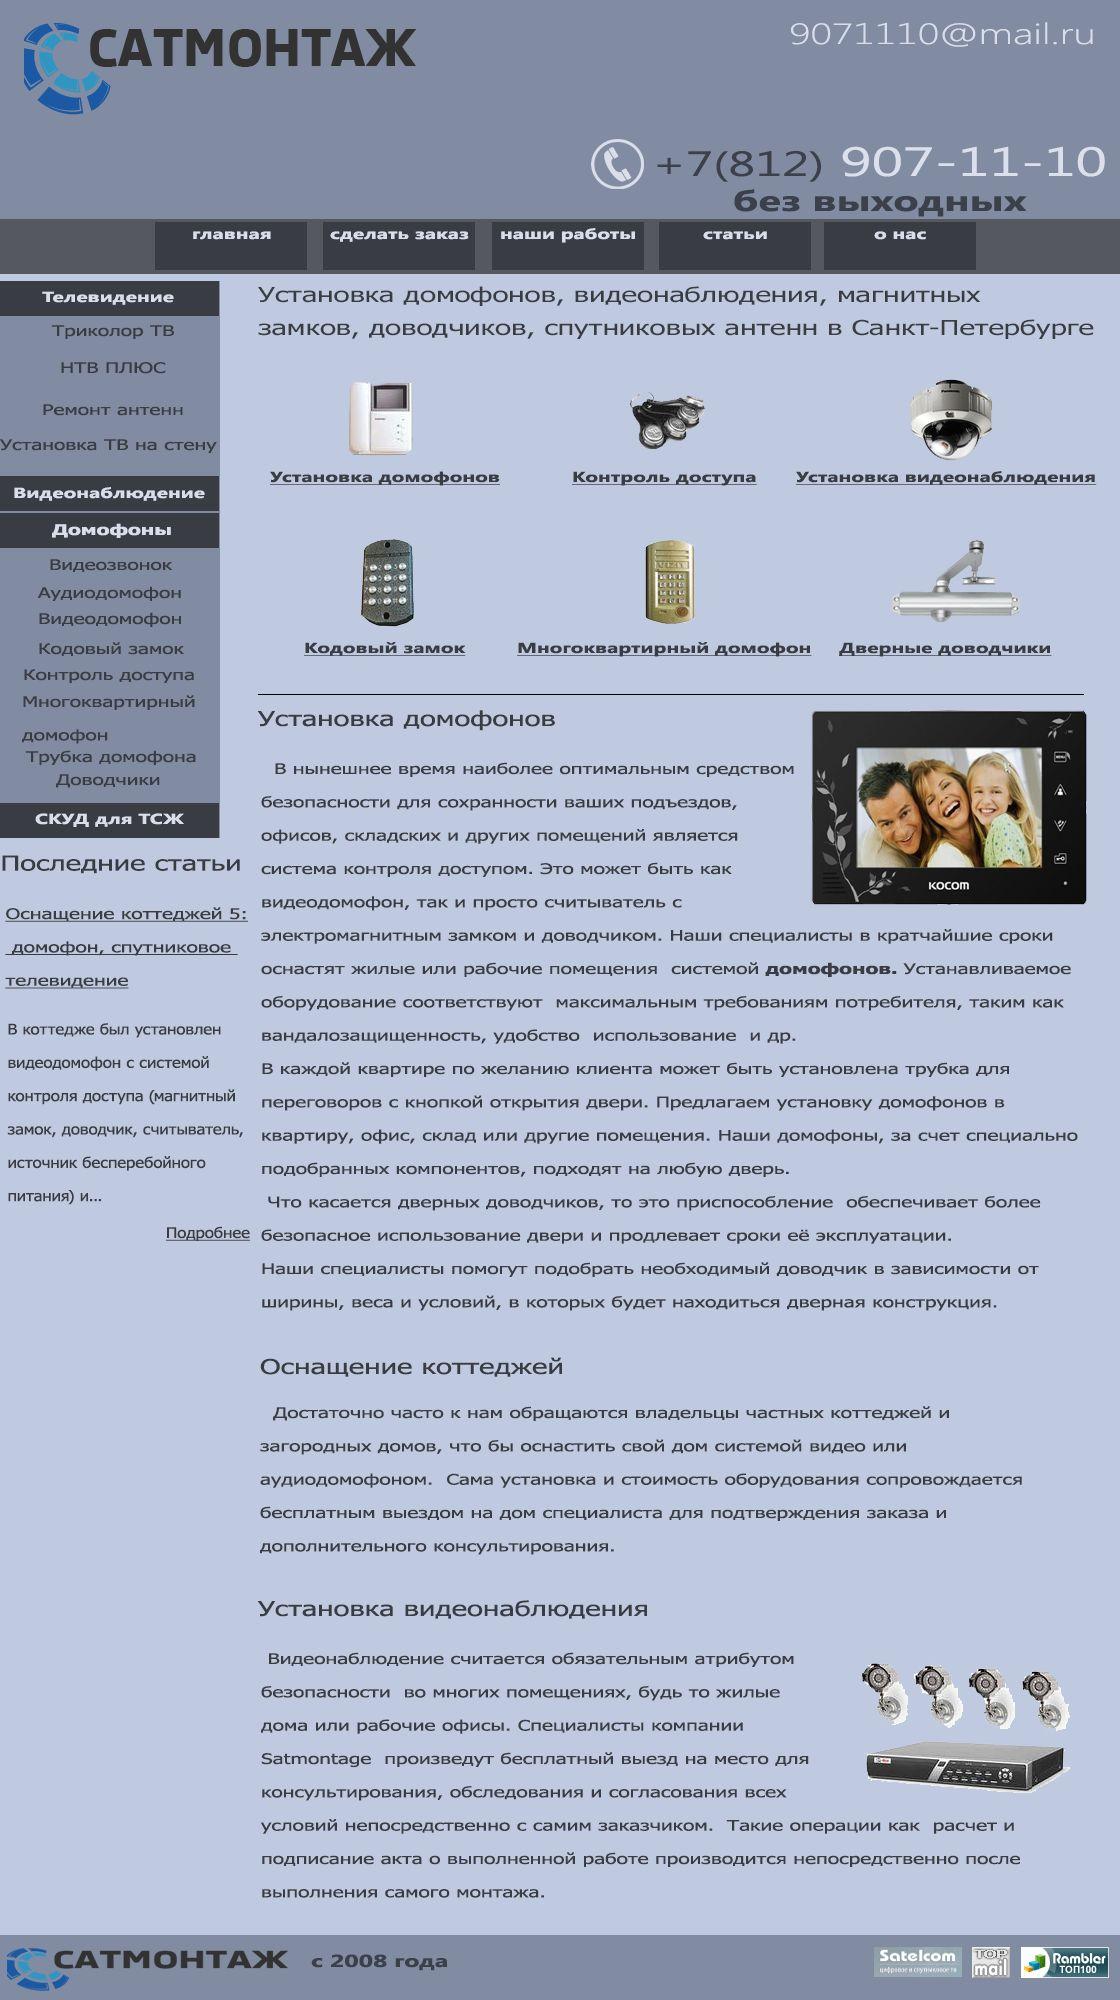 Дизайн (редизайн) существующего сайта - дизайнер rilodoppelori